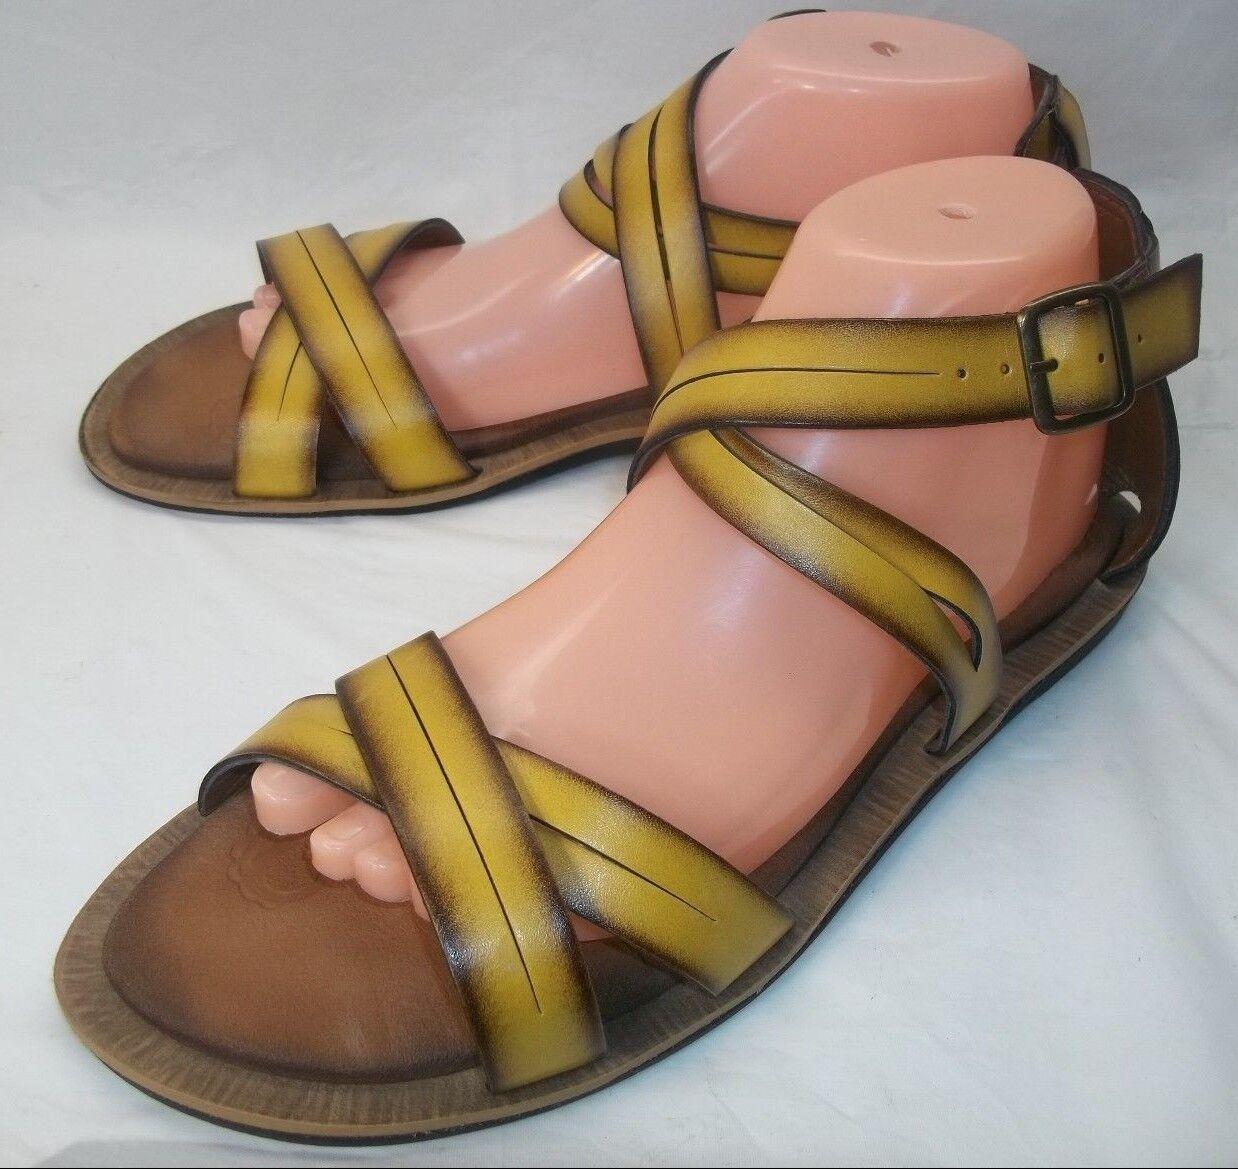 Clarks Wos Zapatos Sandalias Us 9 M Amarillo Amarillo Amarillo vegano y Correa en el Tobillo de Cuero Puntera Abierta 929  barato y de alta calidad